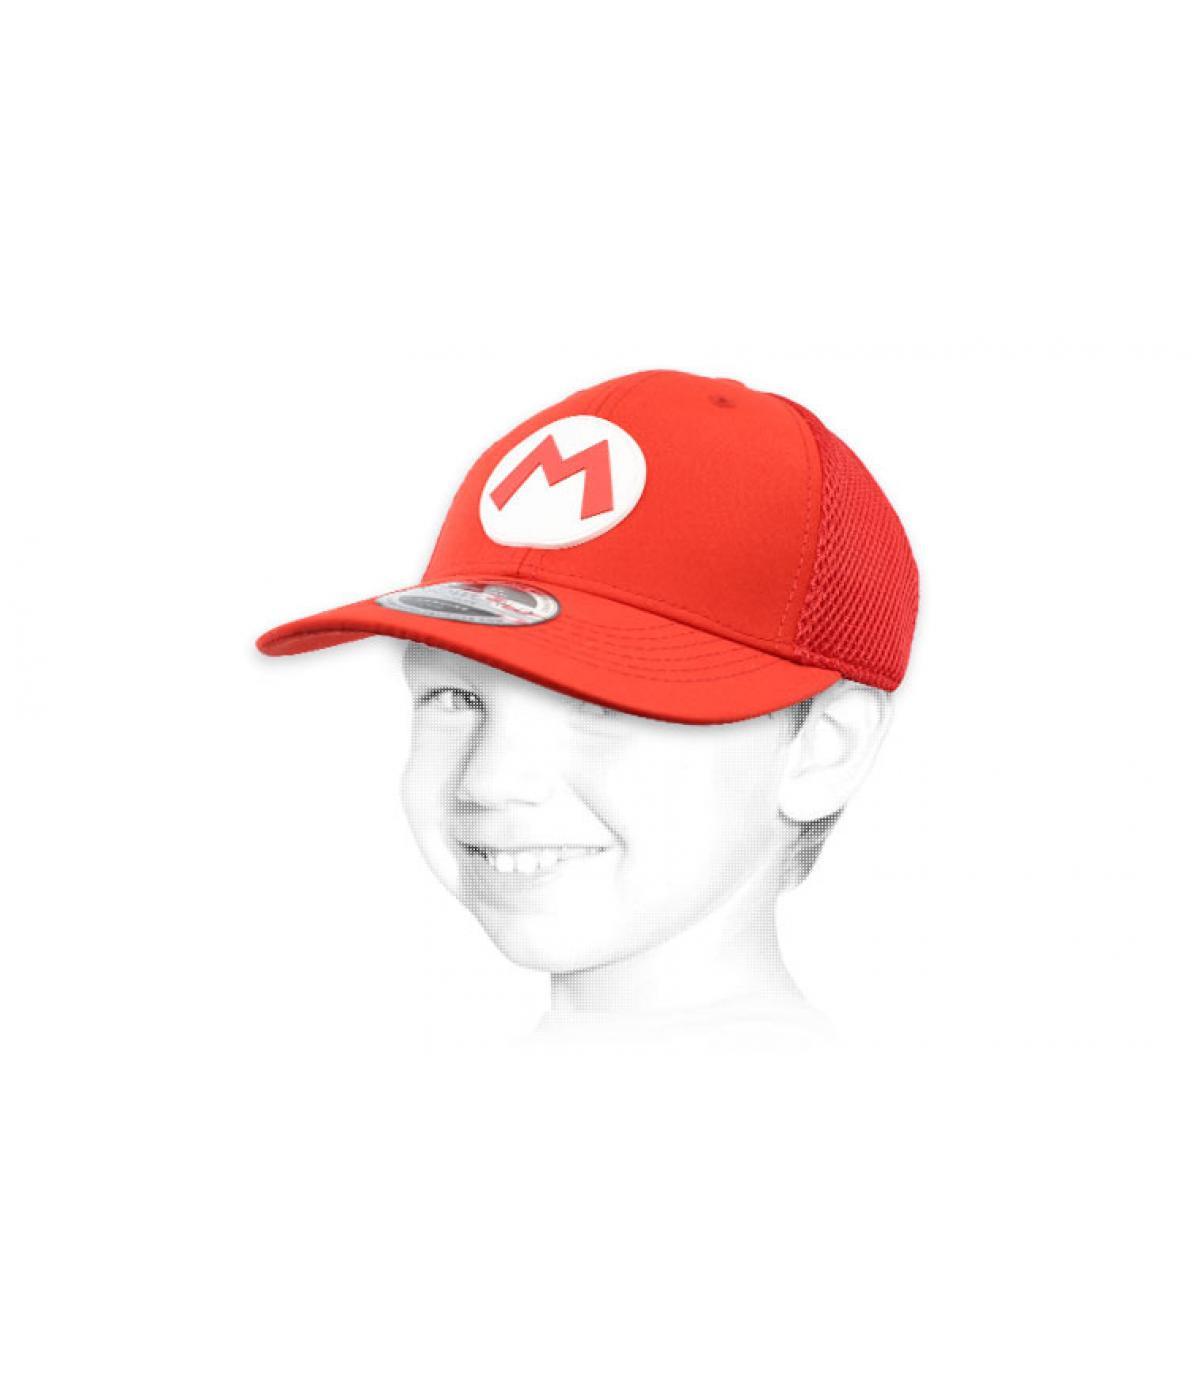 Mario kinderpet